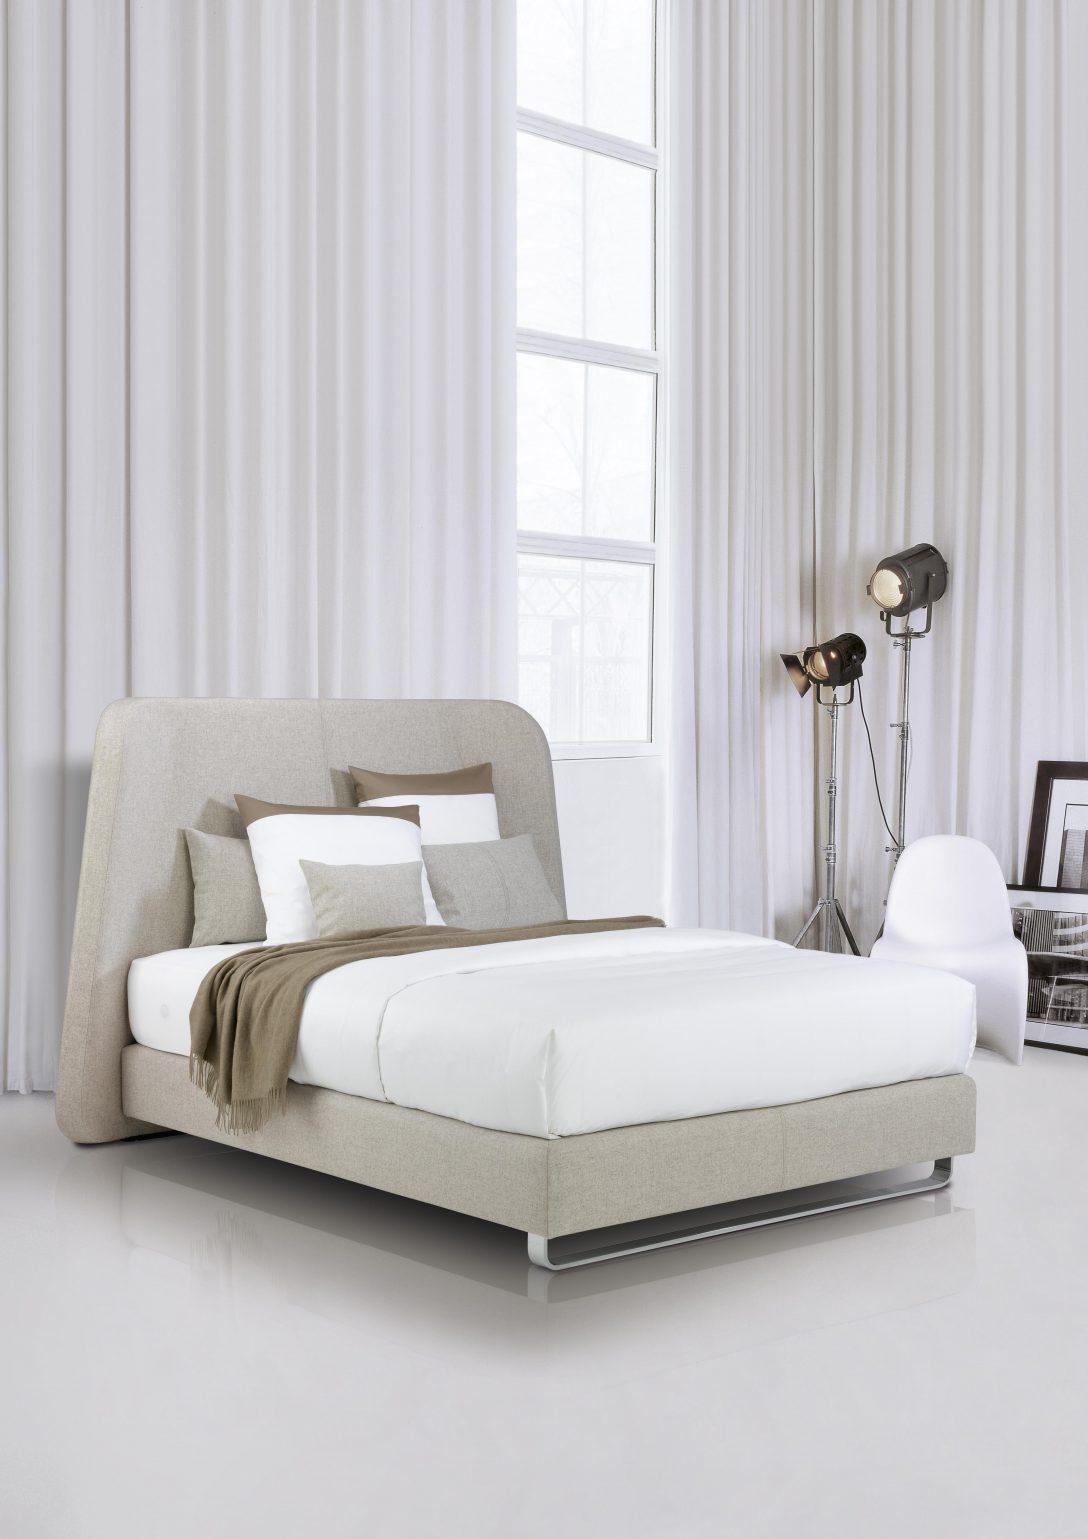 Large Size of Schöne Betten Cocooning Headboard Trecainteriors Bett Mbel Ruf Fabrikverkauf Runde Luxus Mit Schubladen Schlafzimmer Billige Kinder 200x220 Mädchen Günstige Bett Schöne Betten